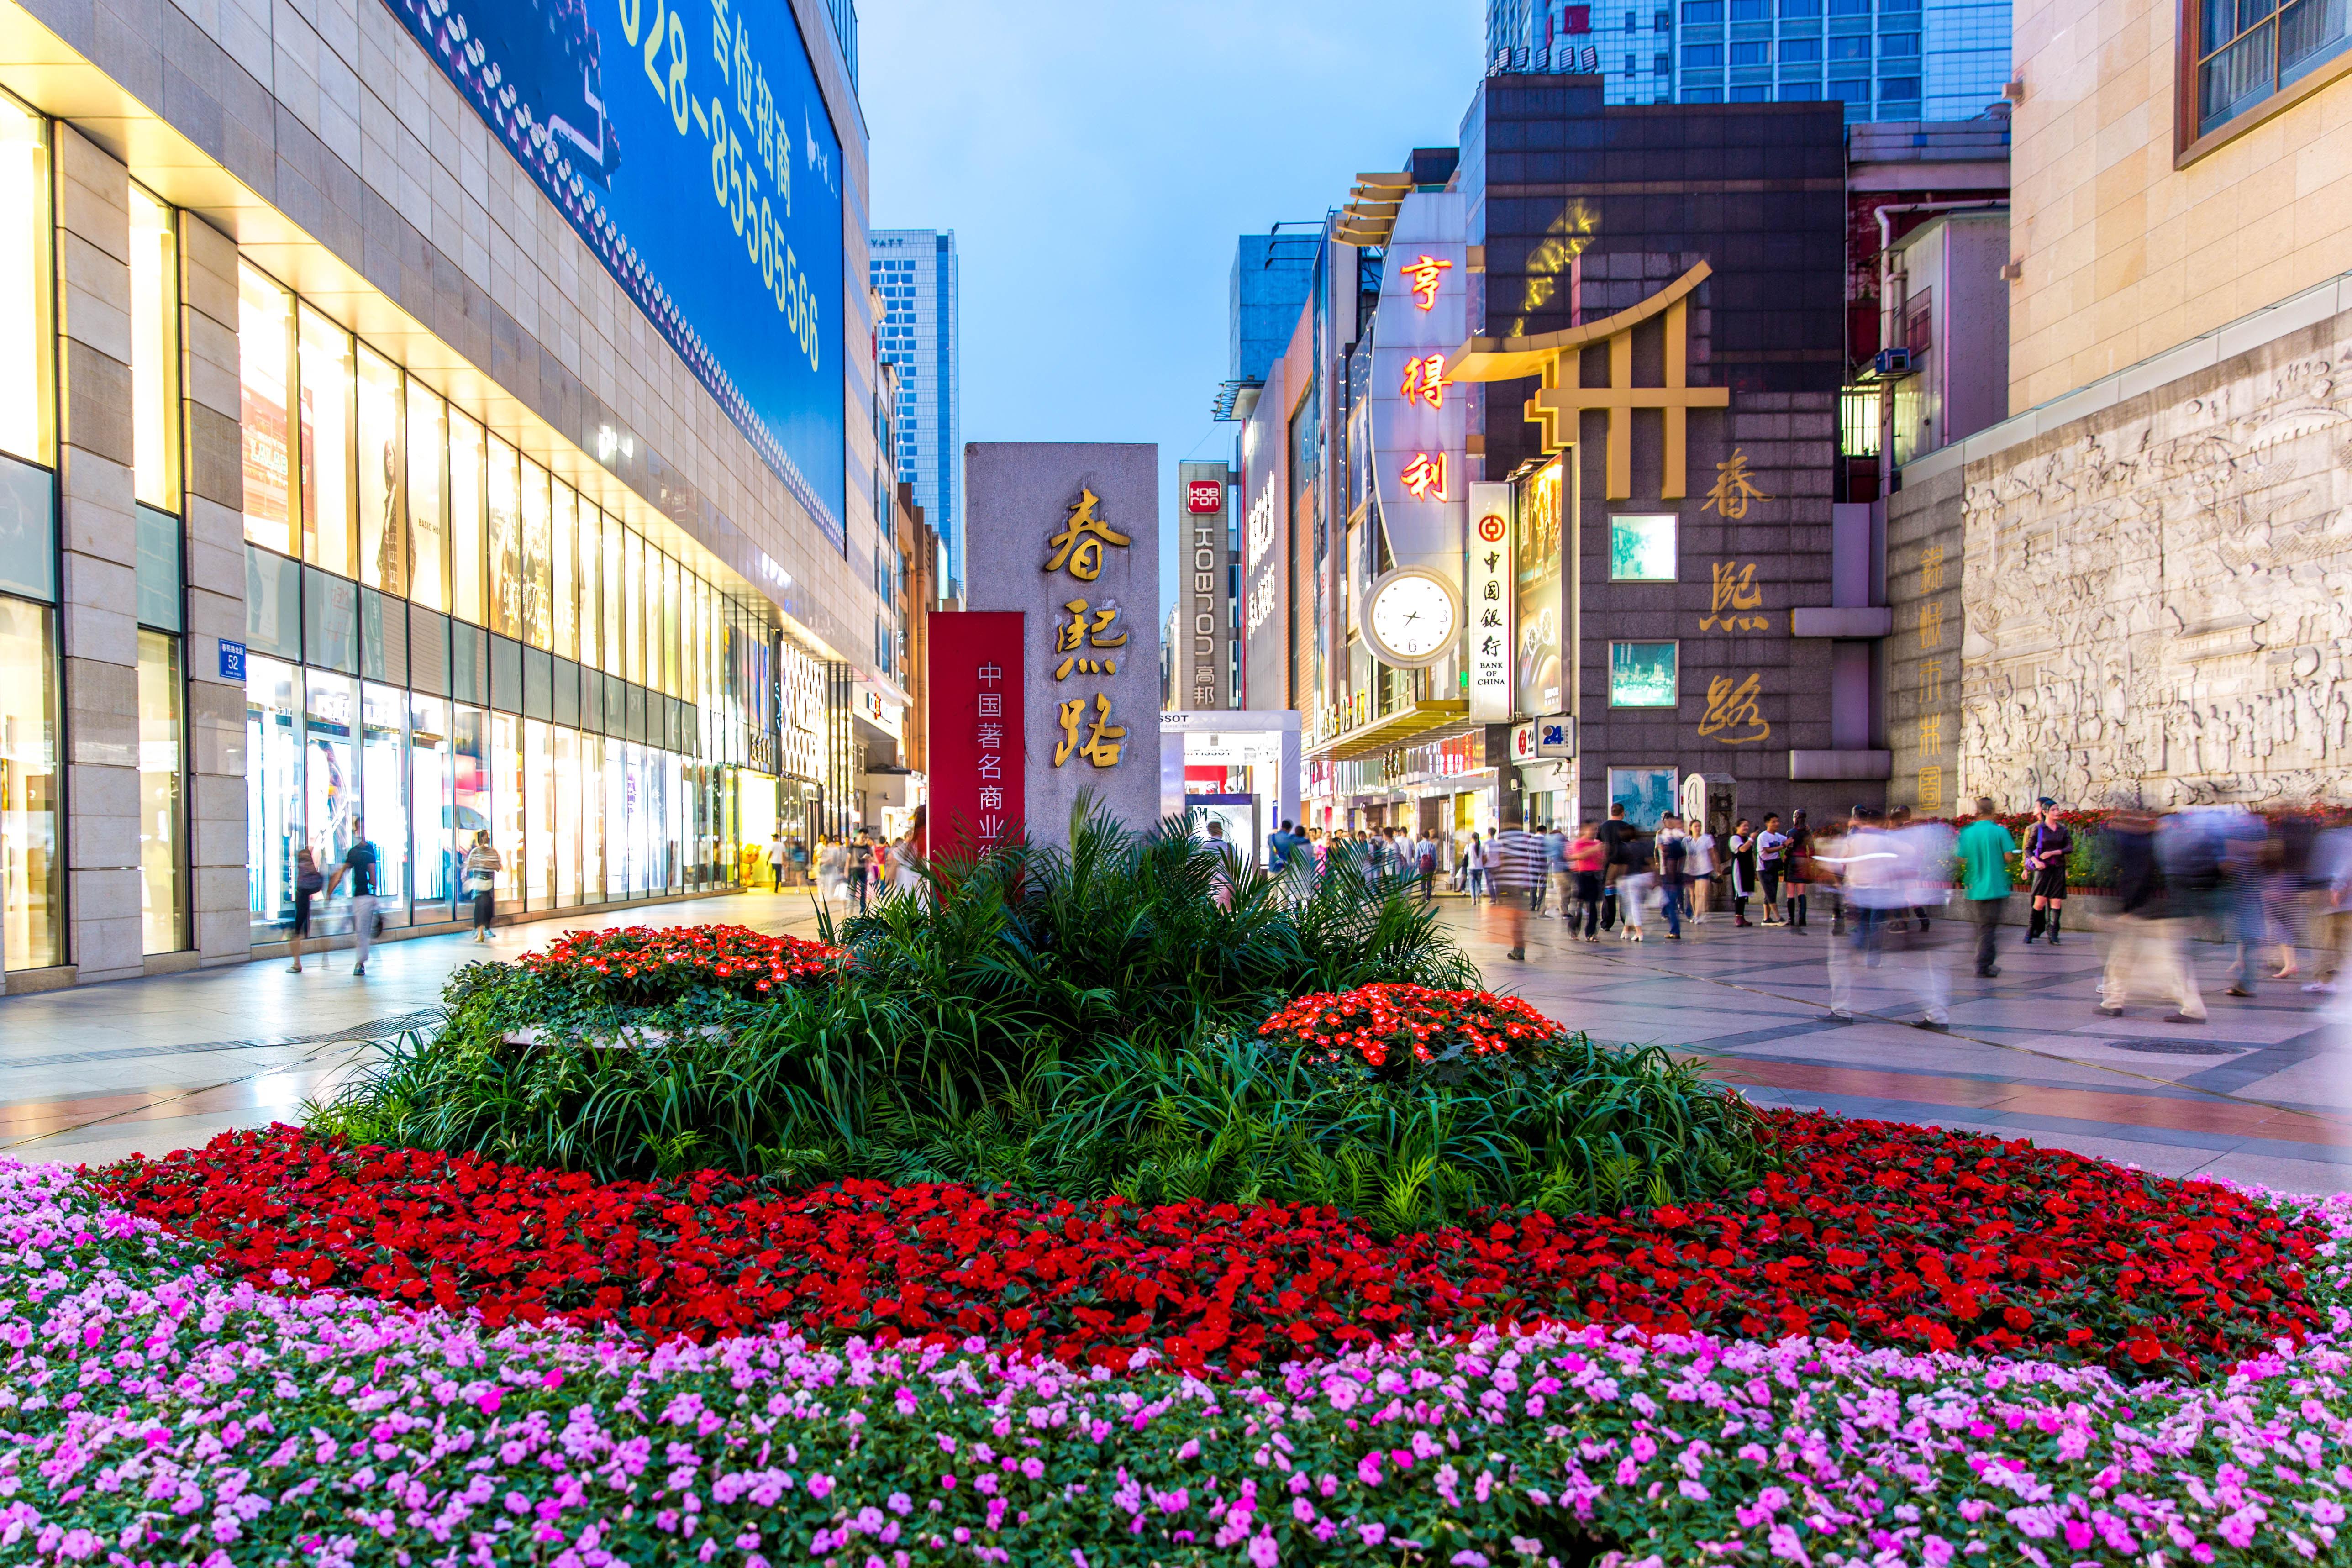 春熙路 位于成都心脏地带,中国西部最大的城市广场.